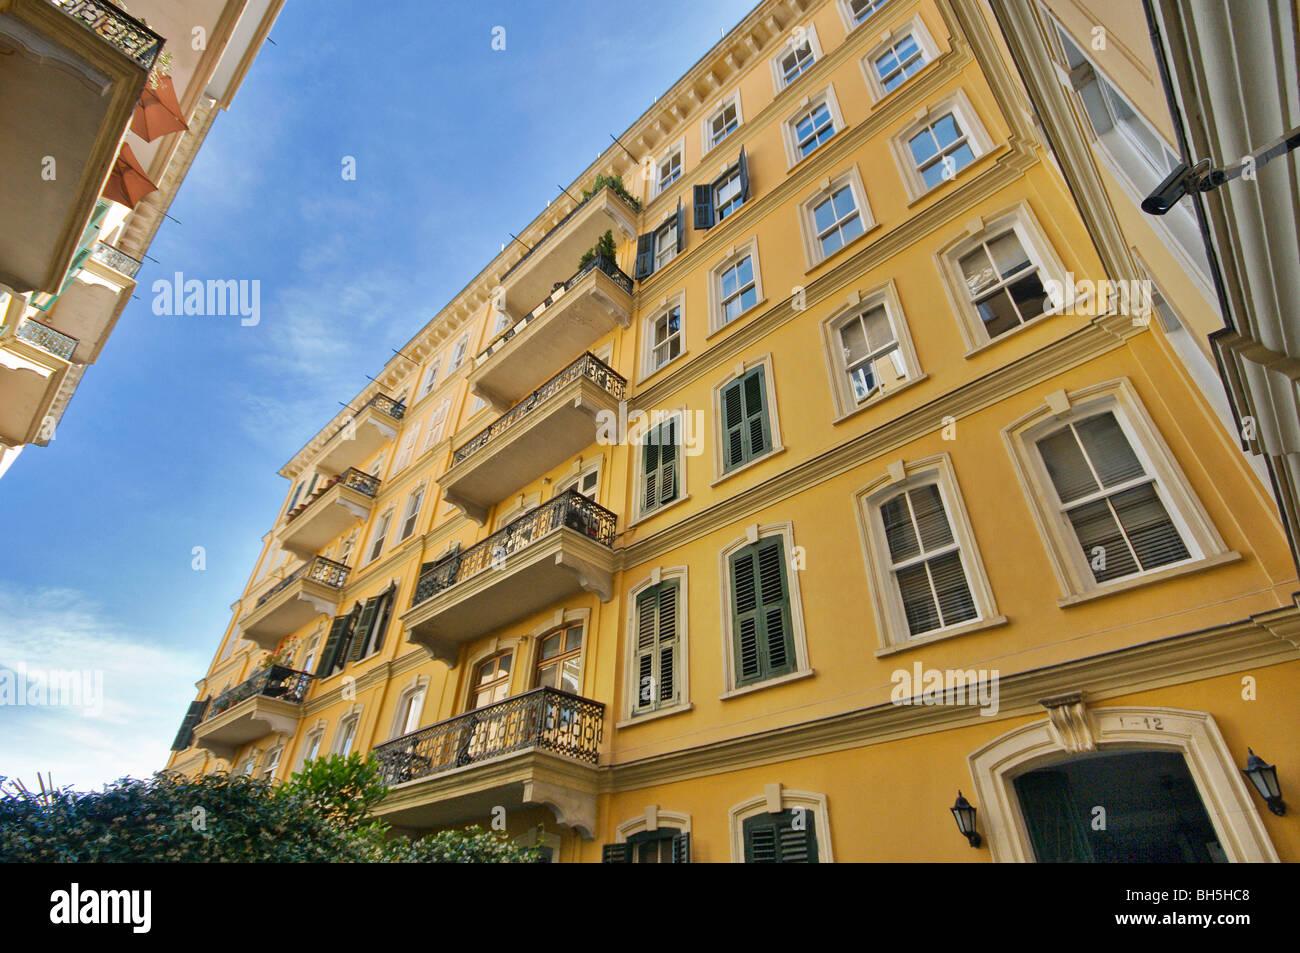 Dogan storico Edificio di appartamenti presso Galata Istanbul Turchia Immagini Stock